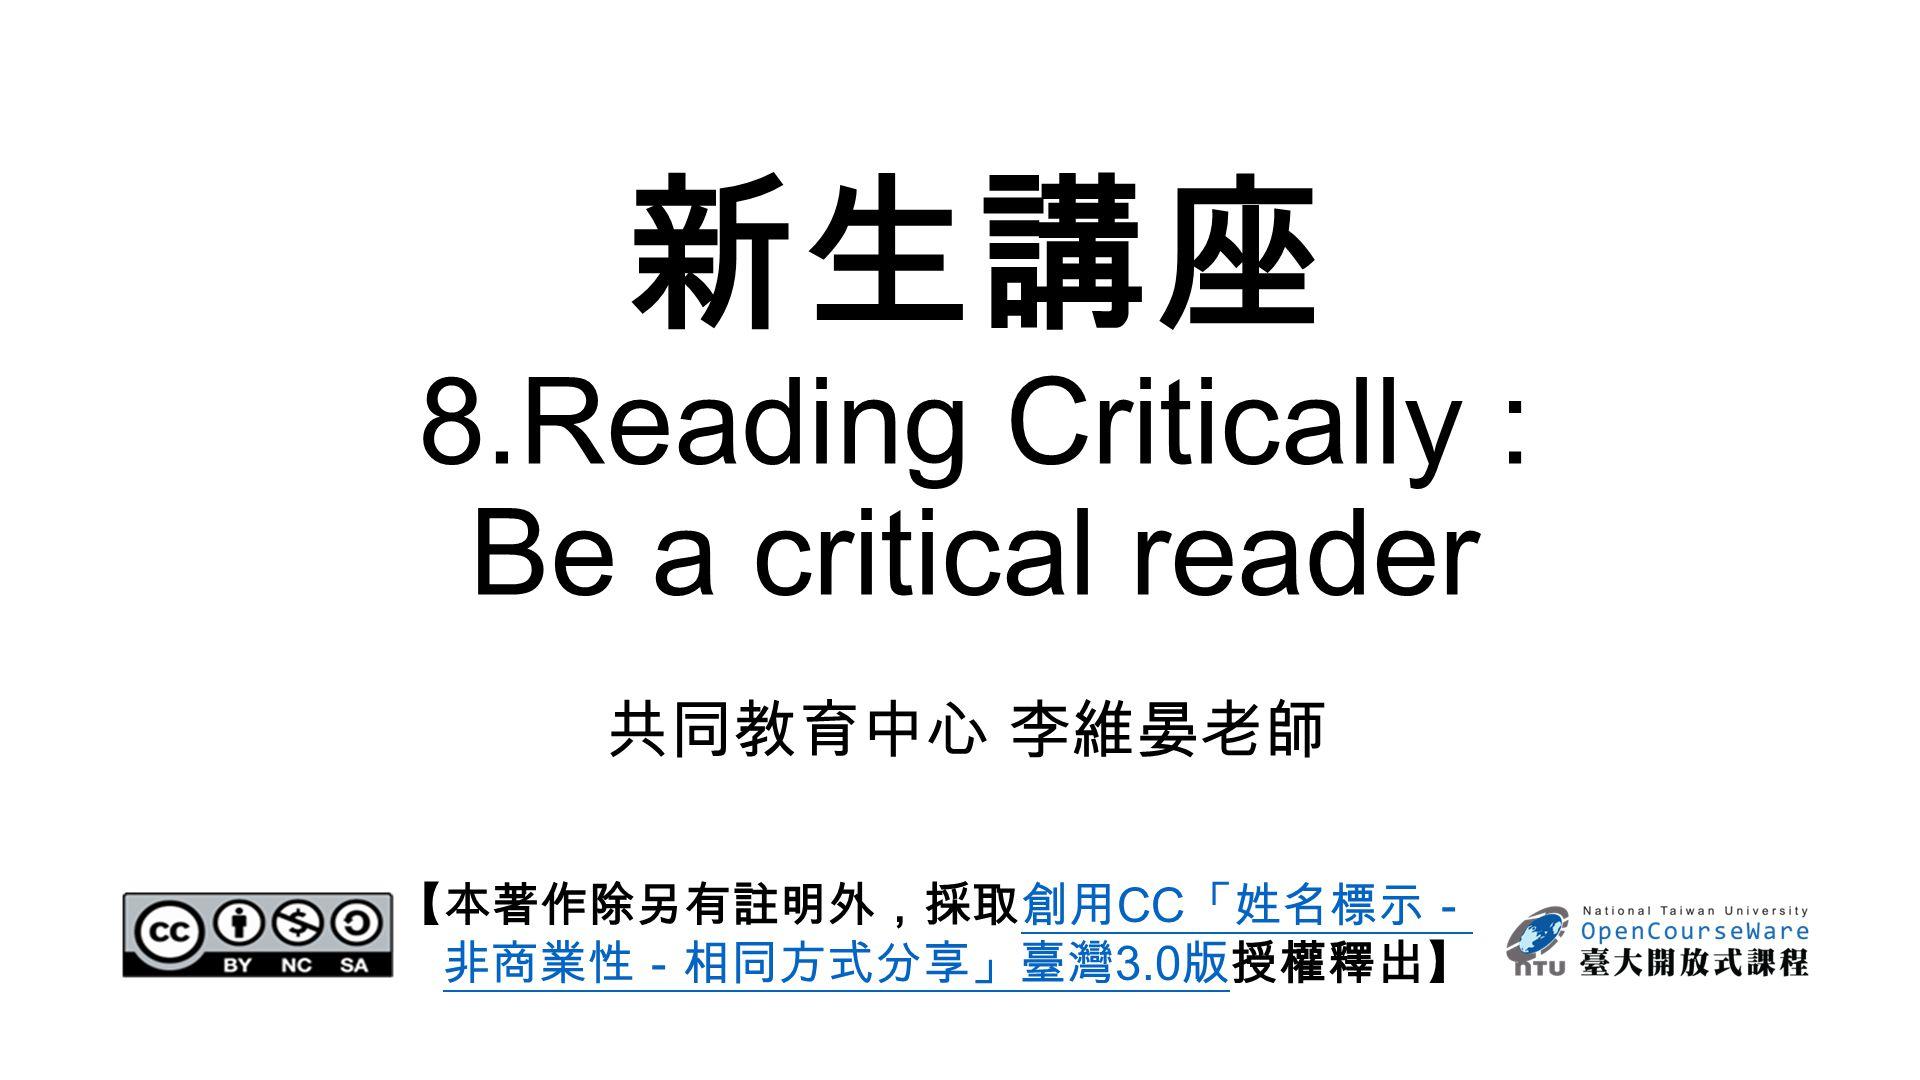 新生講座 8.Reading Critically : Be a critical reader 共同教育中心 李維晏老師 【本著作除另有註明外,採取創用 CC 「姓名標示- 非商業性-相同方式分享」臺灣 3.0 版授權釋出】創用 CC 「姓名標示- 非商業性-相同方式分享」臺灣 3.0 版